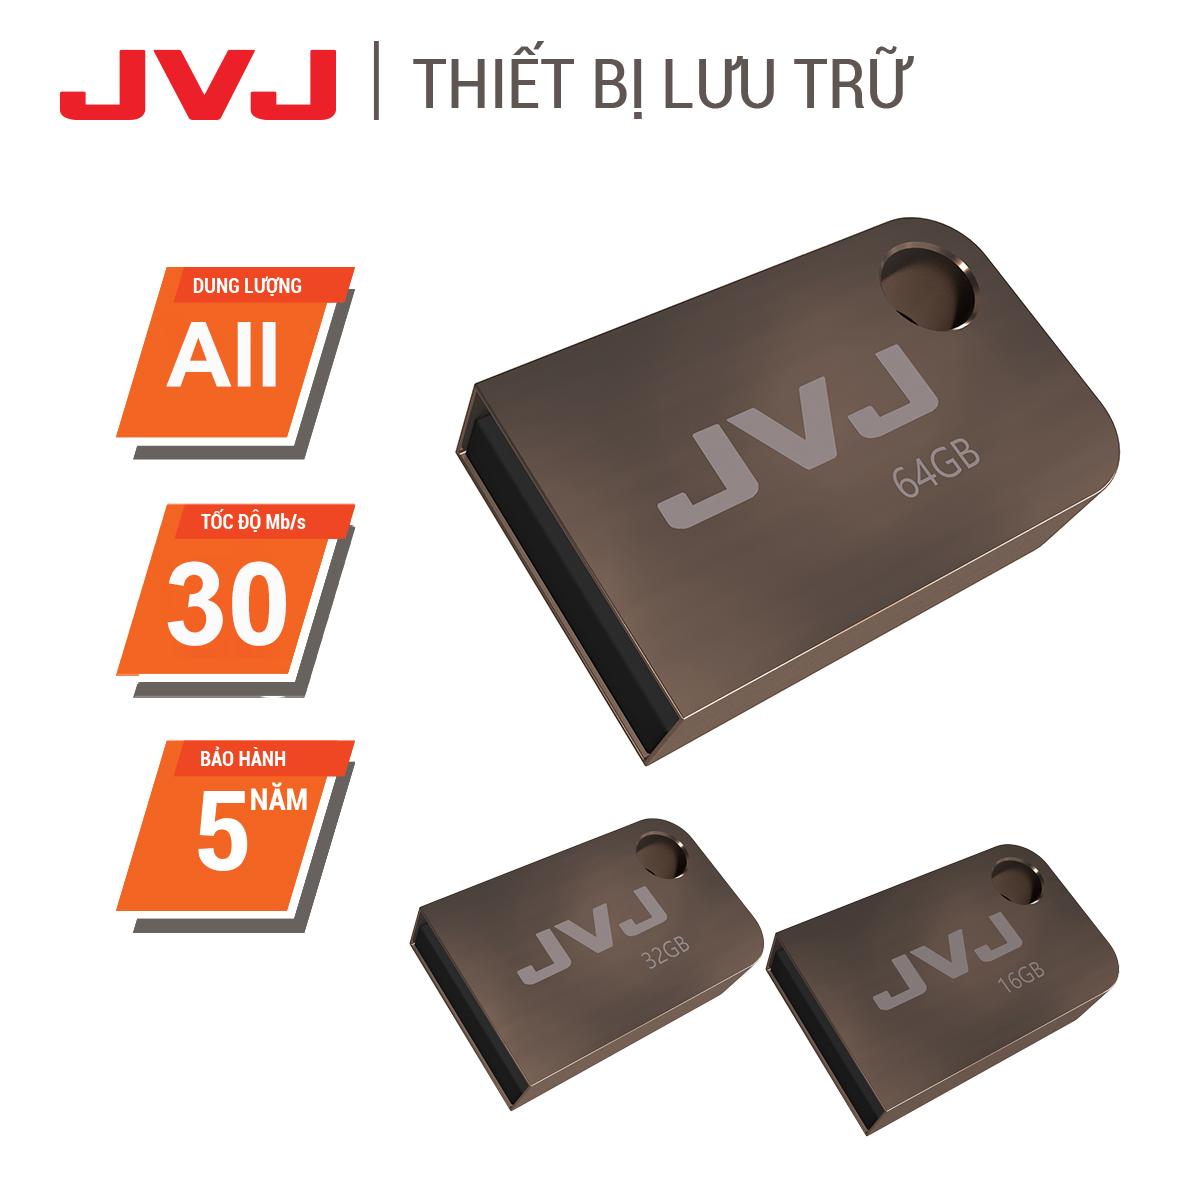 USB 64G/32G/16G JVJ S2 siêu nhỏ vỏ kim loại – USB 2.0, tốc độ upto 100MB/s siêu nhỏ chống sốc chống nước, thiết kế vỏ nhôm nhỏ gọn, Flash Drive đầu kim loại siêu nhẹ kết nối nhanh Bảo hành 2 Năm 1 đổi 1 chính hãng